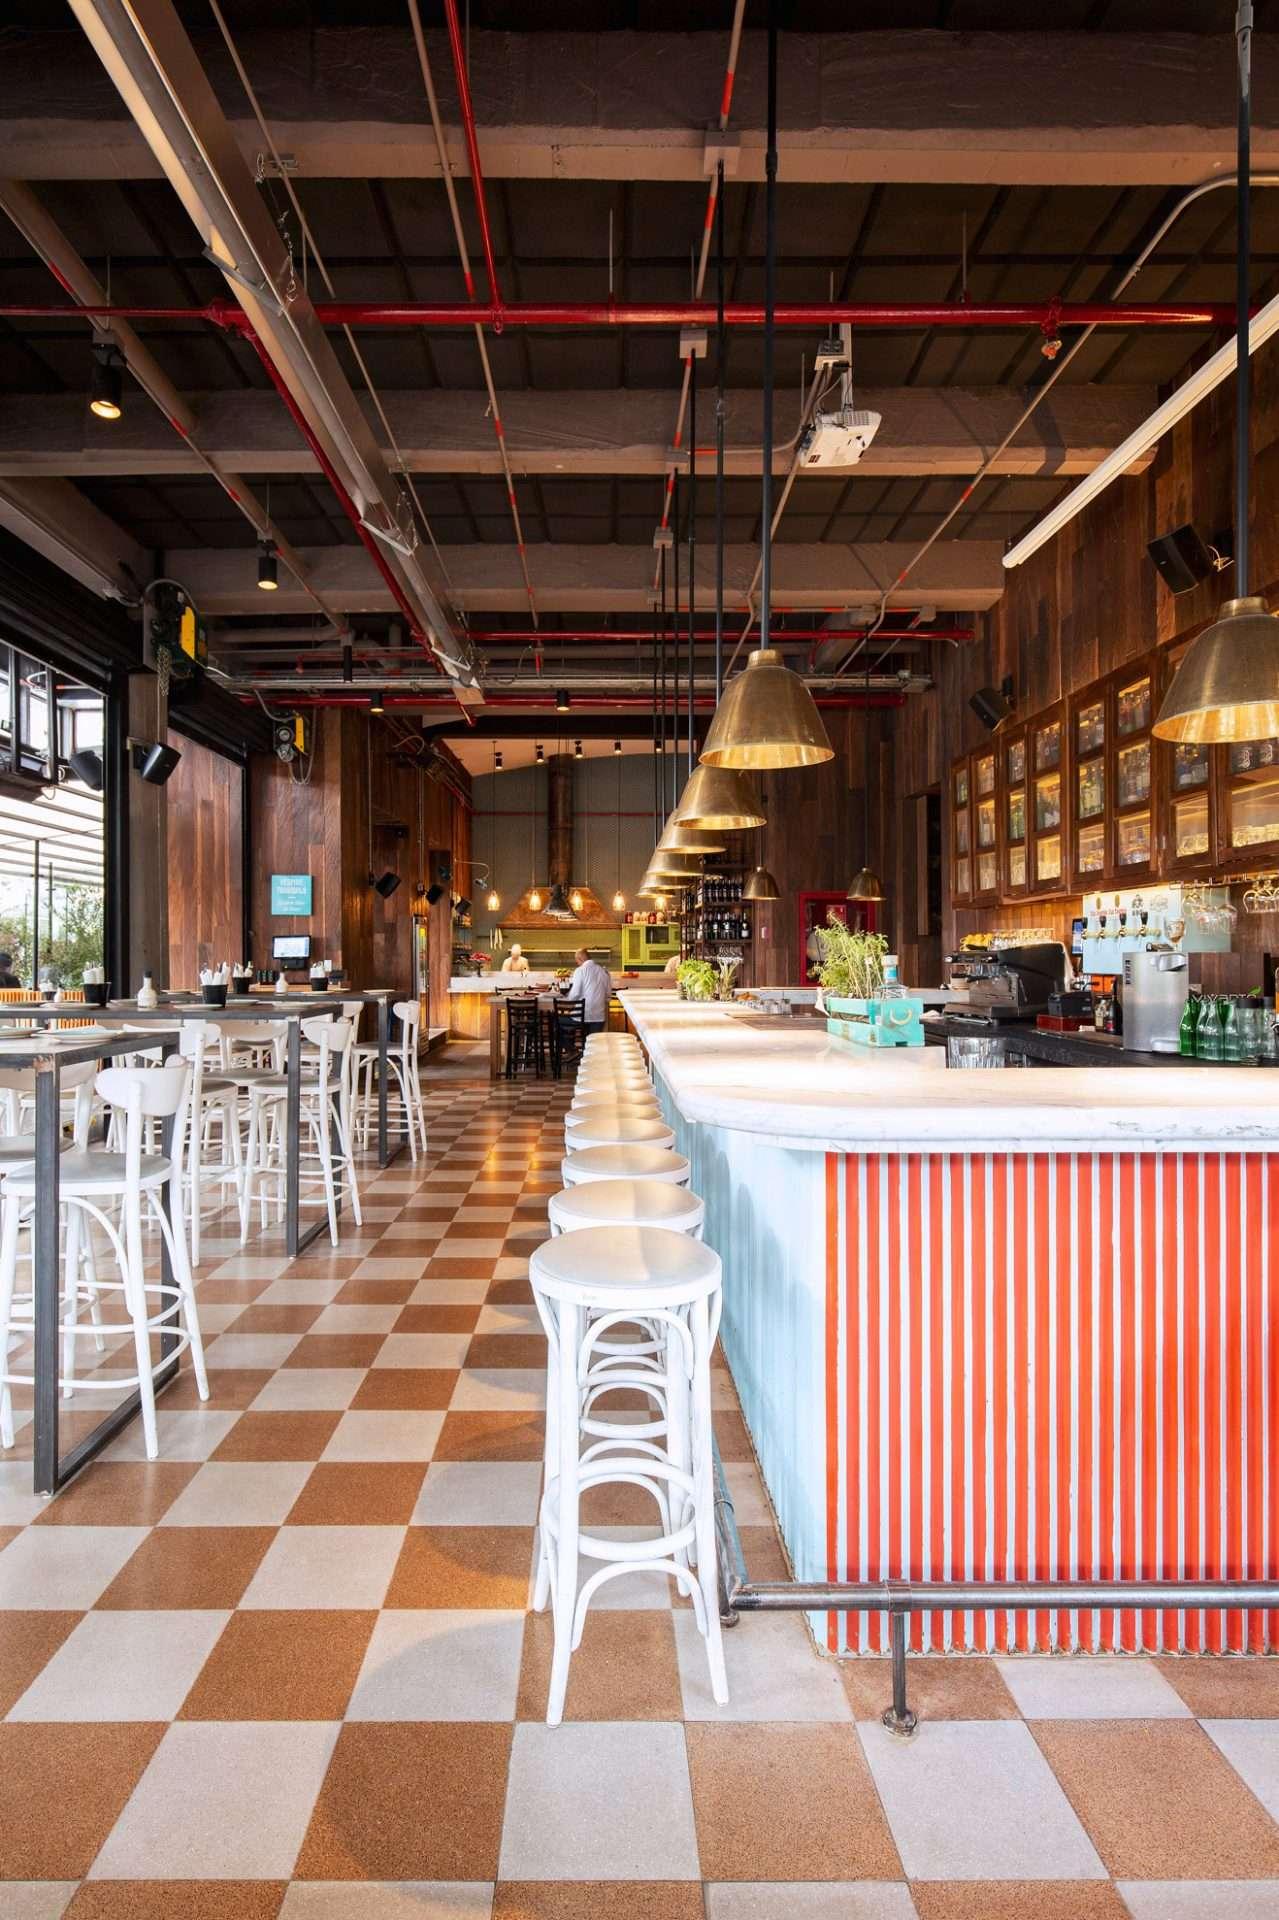 05muñoz.bosch.cevivheria.bogota.restaurante.simonbosch.photography.interior.coala.constructora